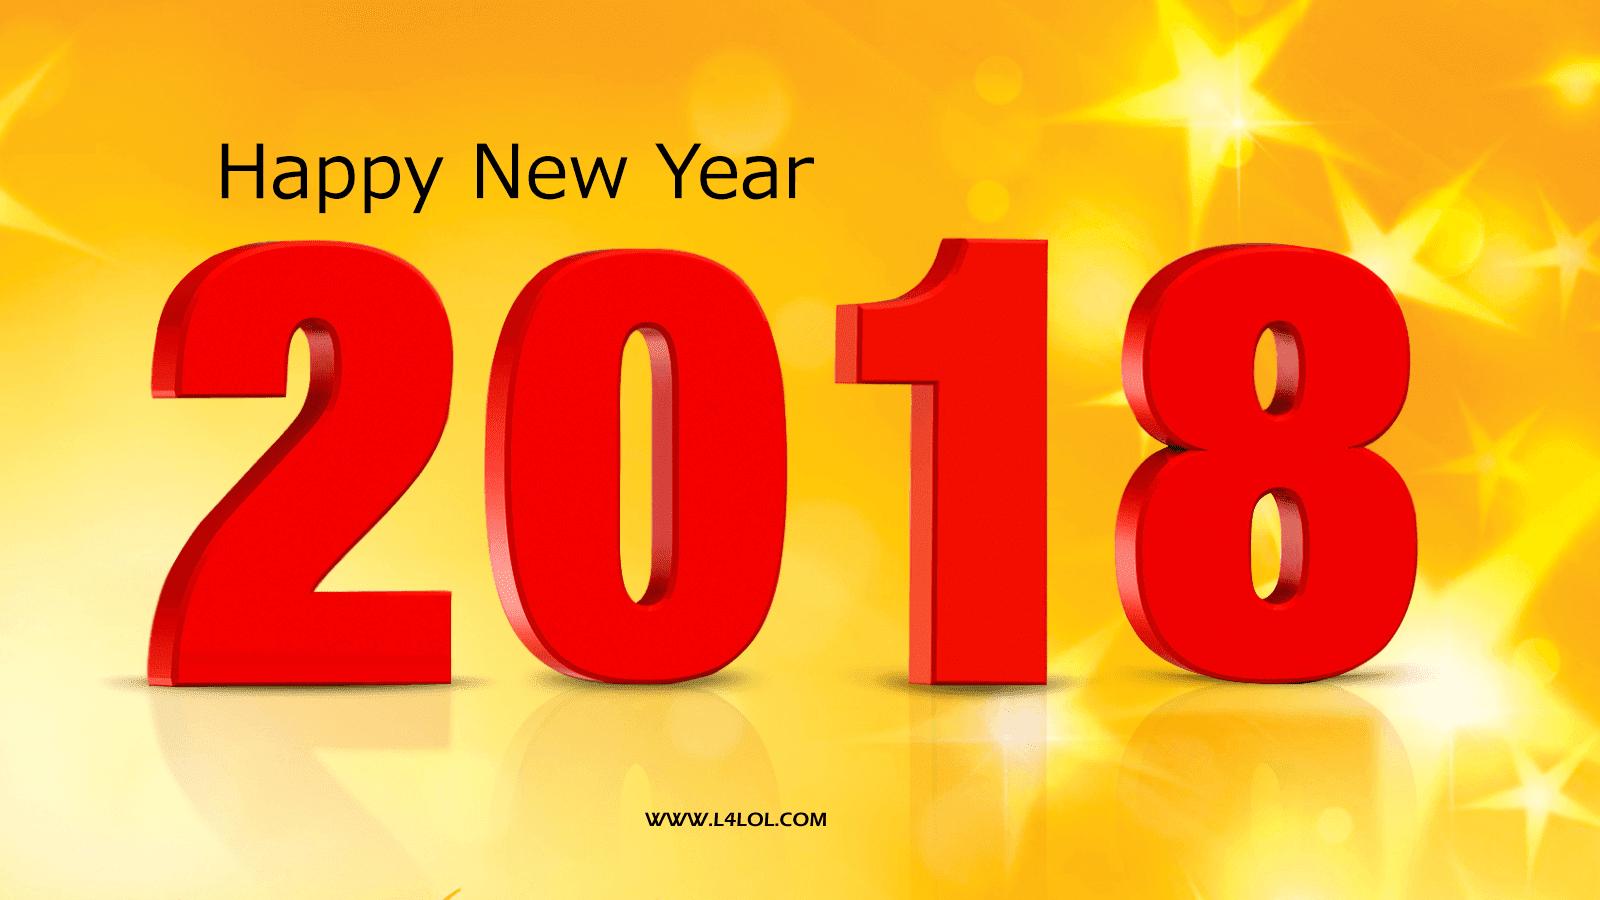 Happy New Year 2018 Hd Sayings Slogans Greetings Best 26